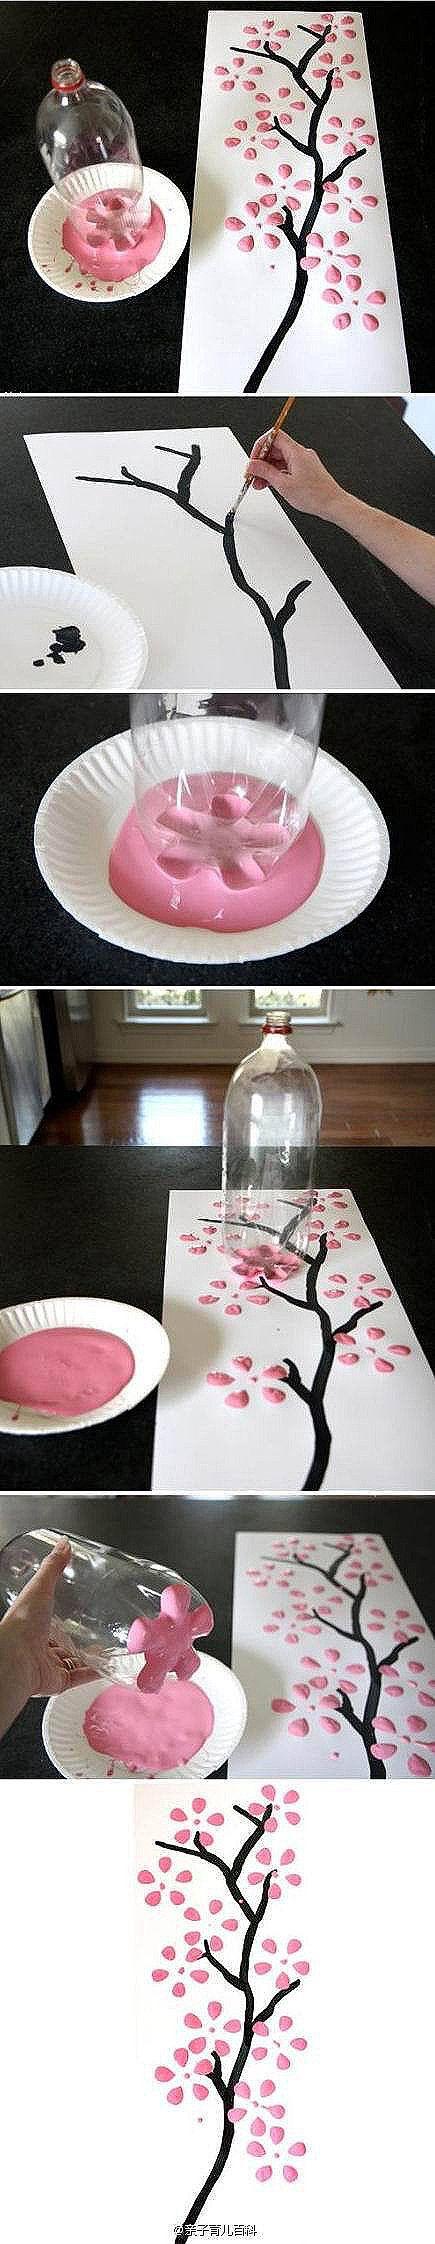 教你画梅花来自恬kat的图片分享-堆糖网;